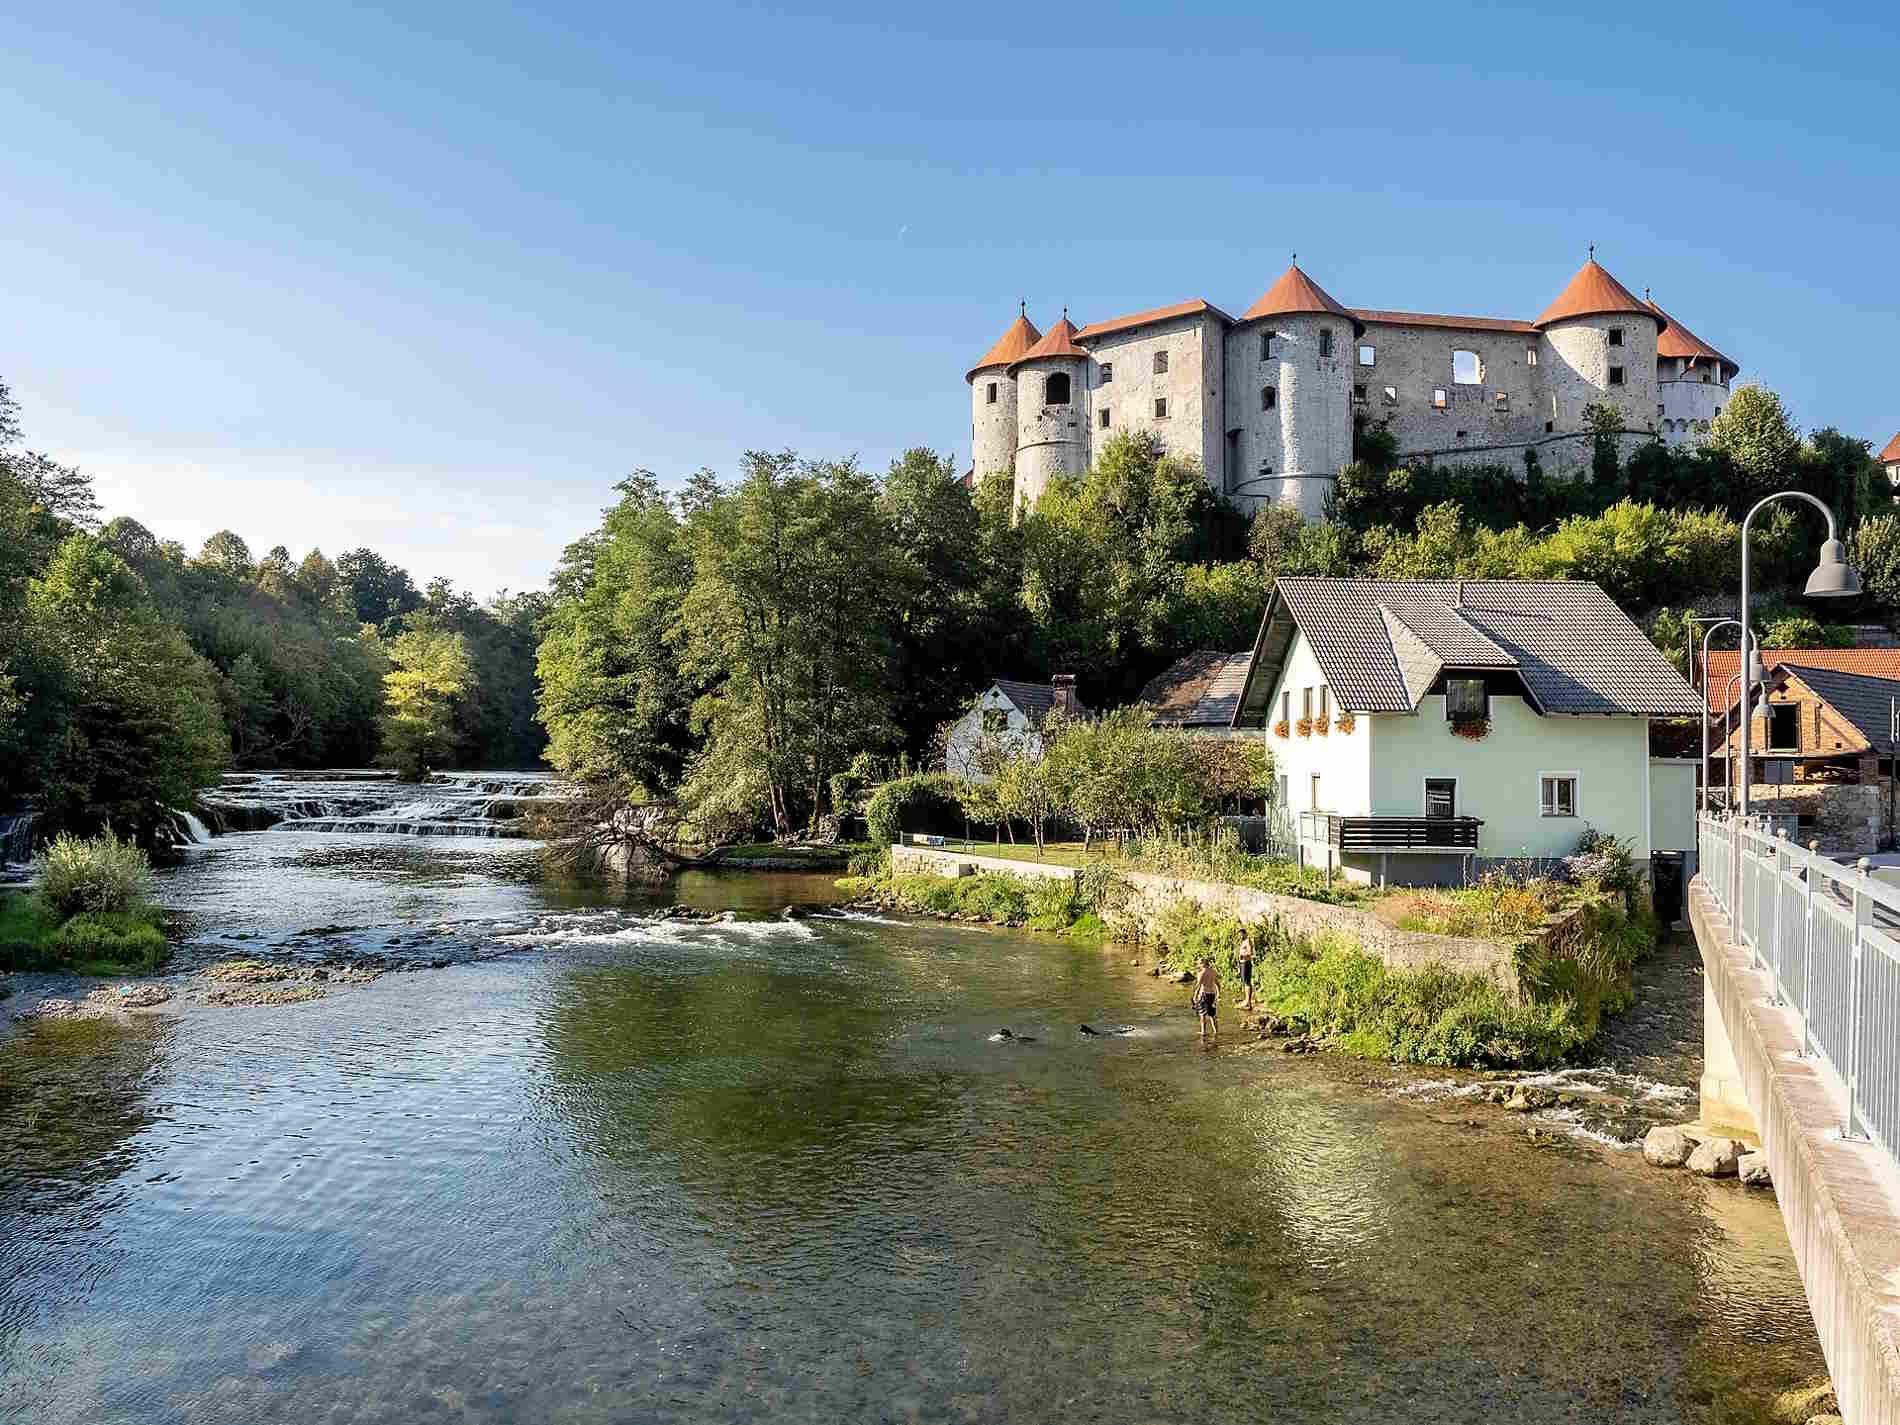 Cose da vedere in u itinerario di Viaggio in Slovenia -Il castello di Žužemberk in Dolenjska